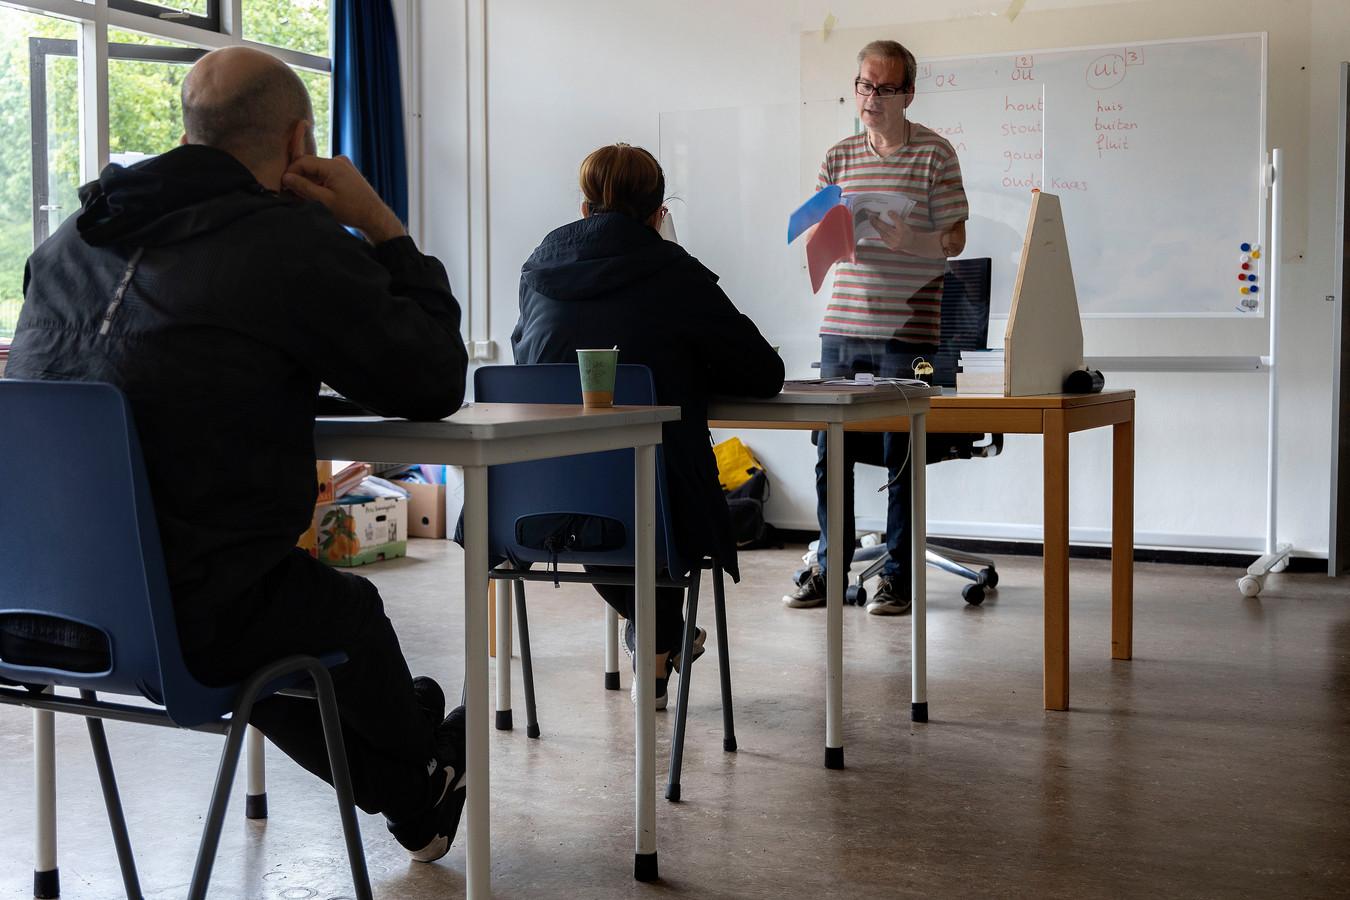 Archiefbeeld uit een asielzoekerscentrum. Als de rechter heeft besloten dat vluchtelingen in Nederland mogen blijven, moeten de gemeenten huisvesting bieden.